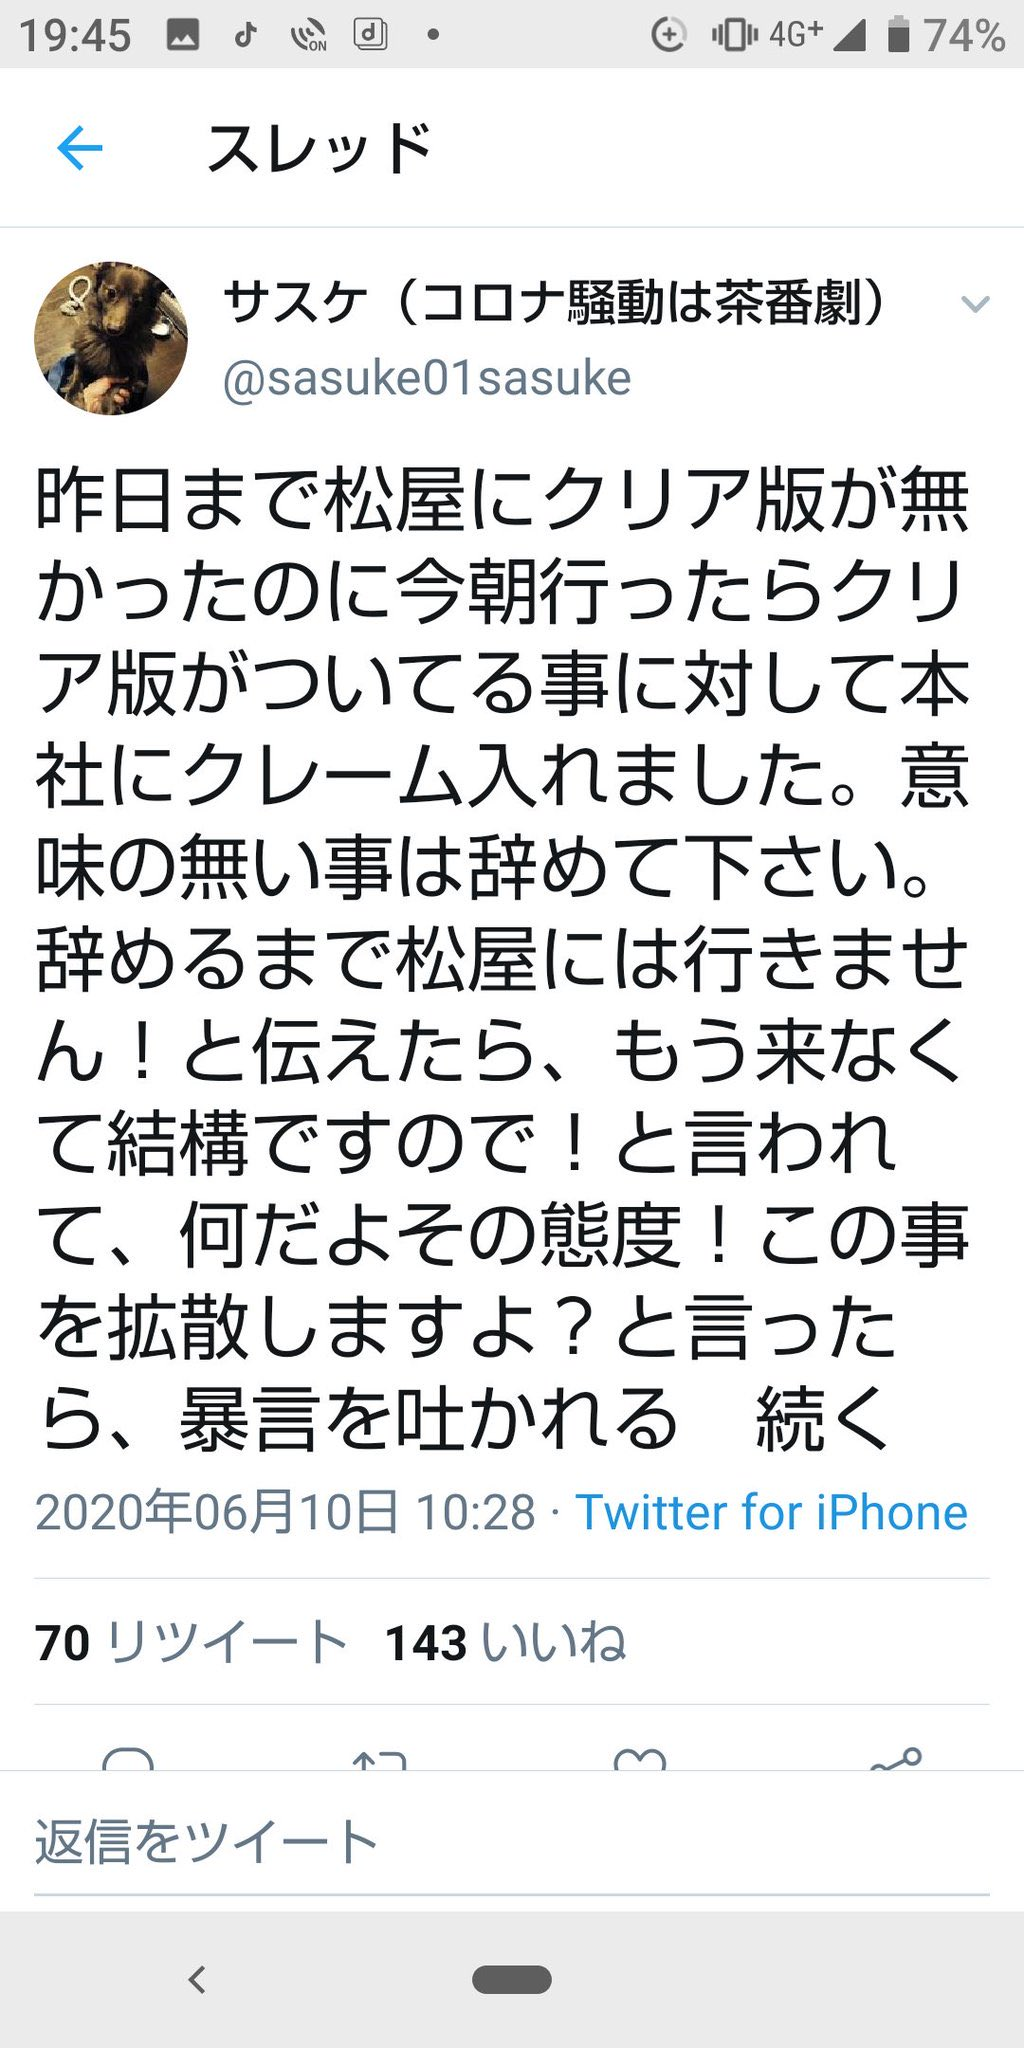 劇 茶番 は サスケ 騒動 コロナ サスケ(コロナ騒動は茶番劇) on